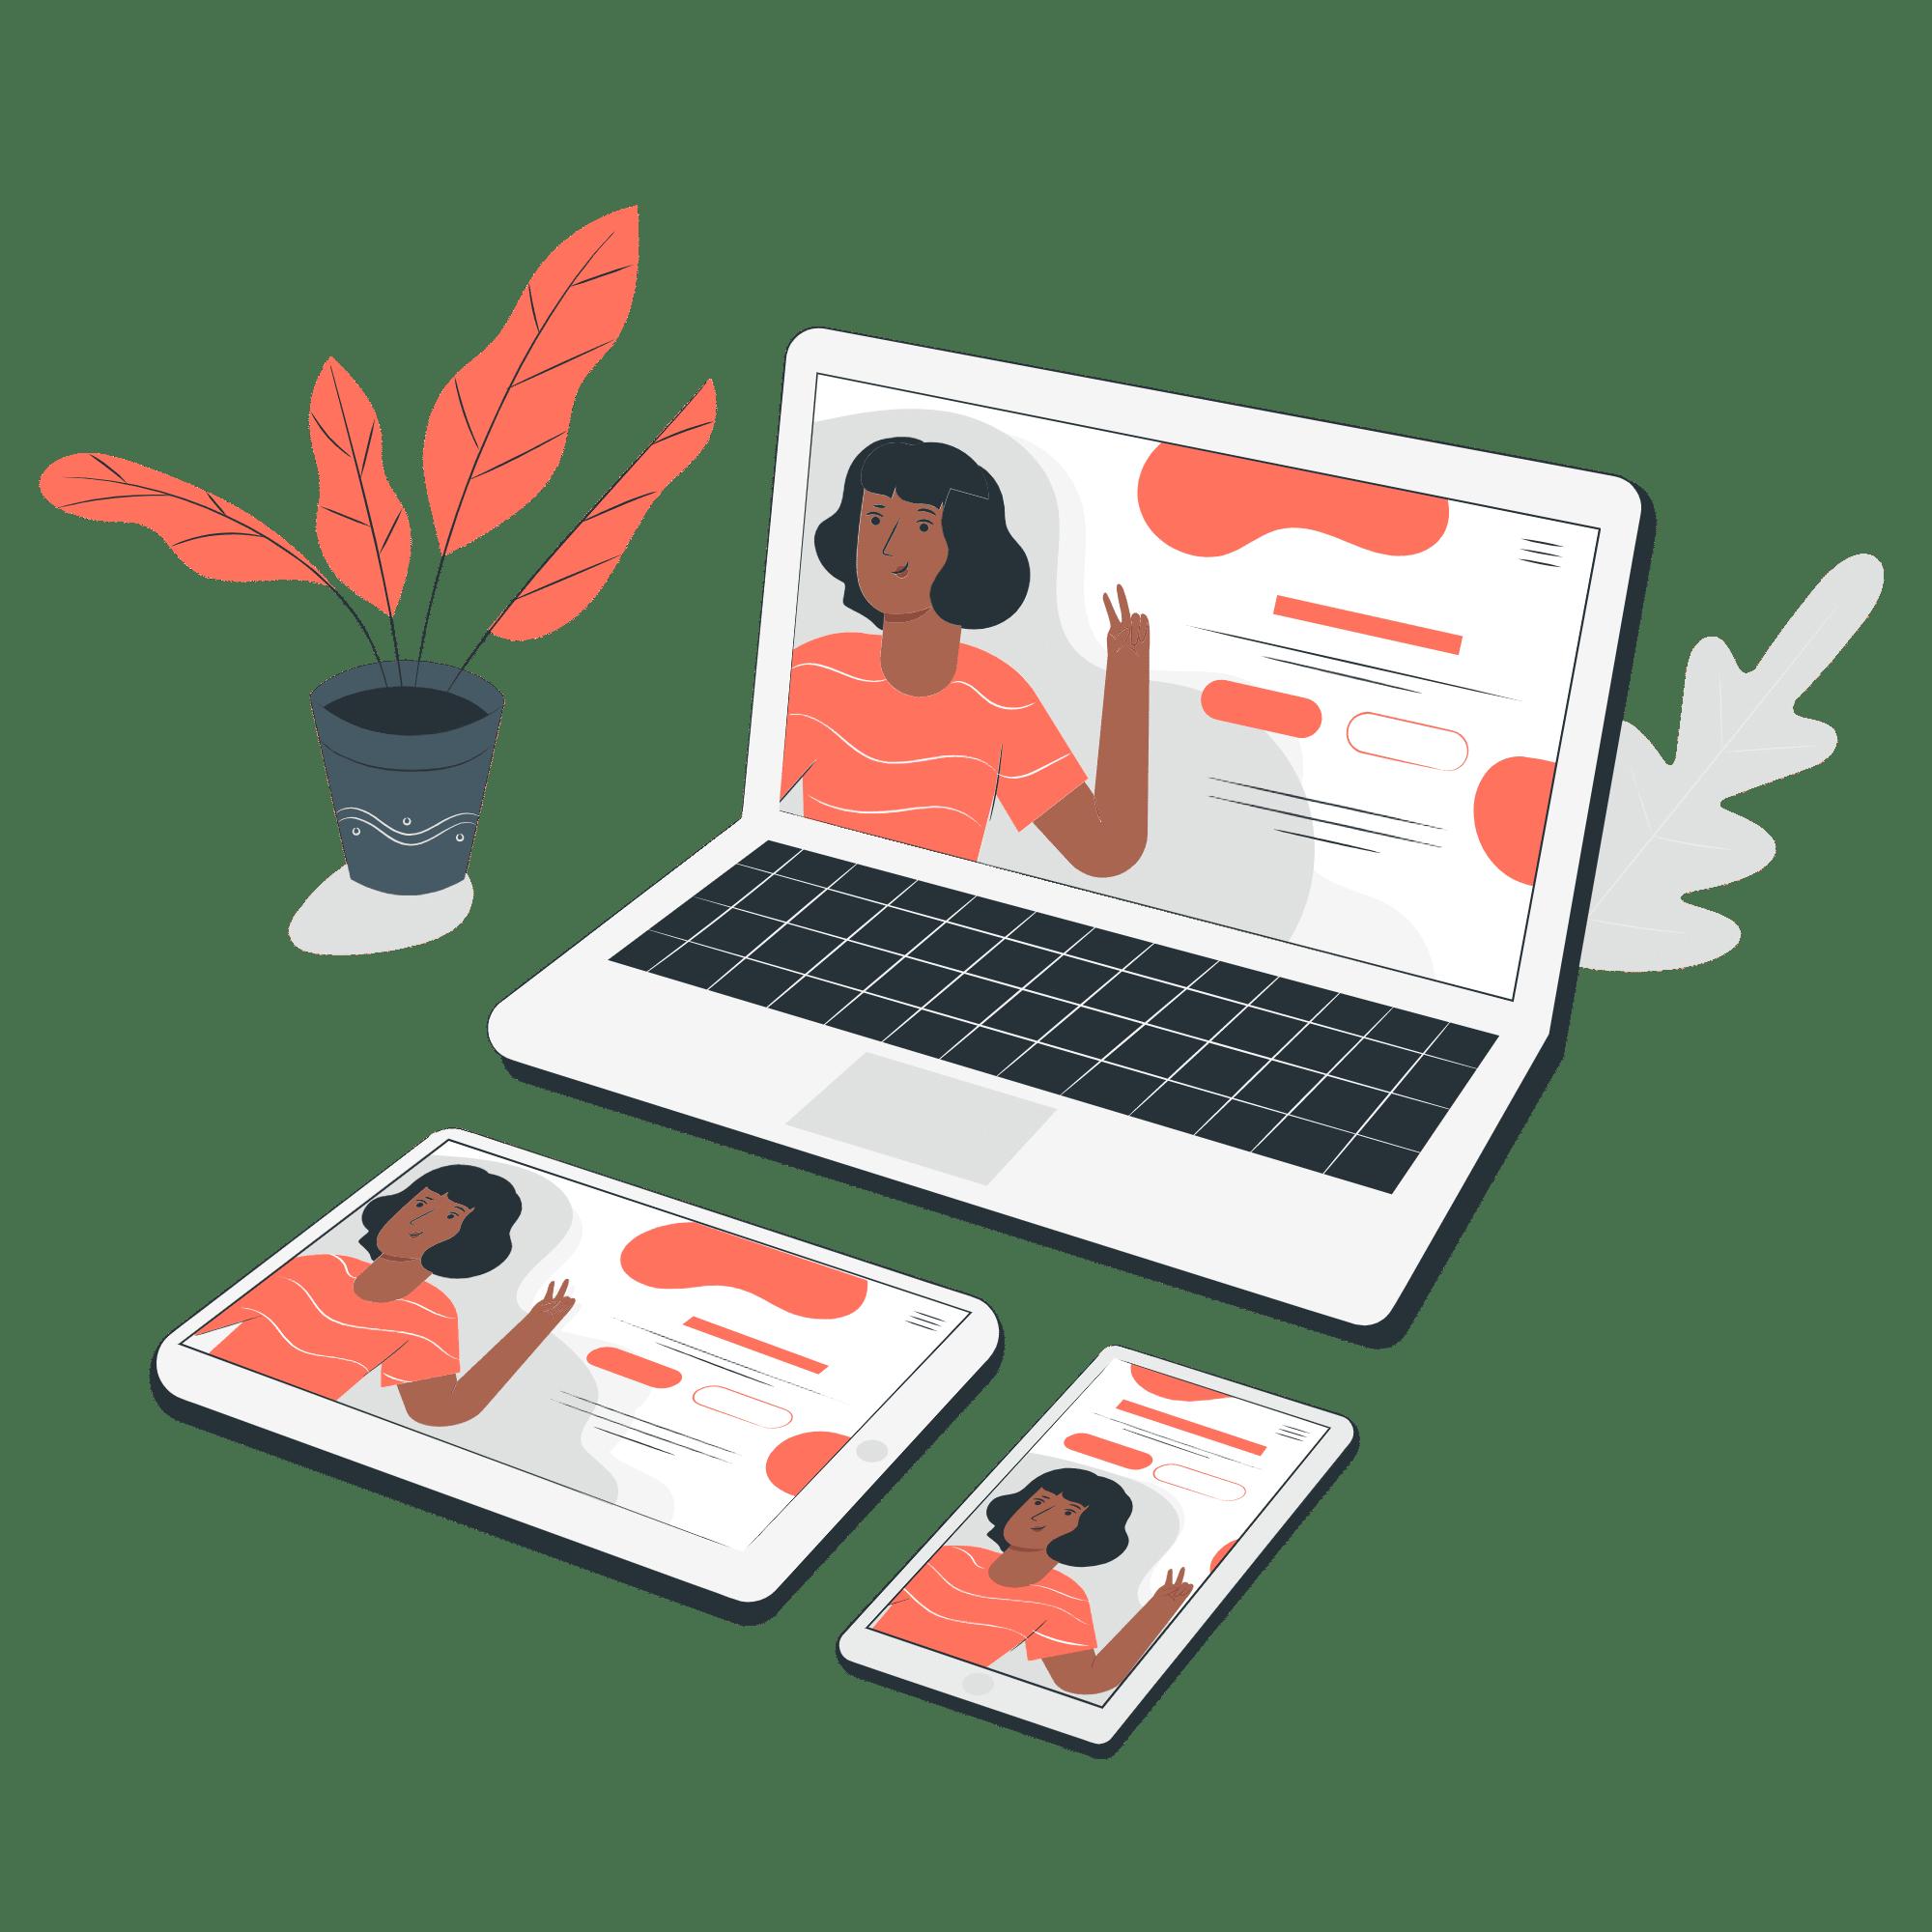 ساختن وب سایتهای تجارت الکترونیکی خود